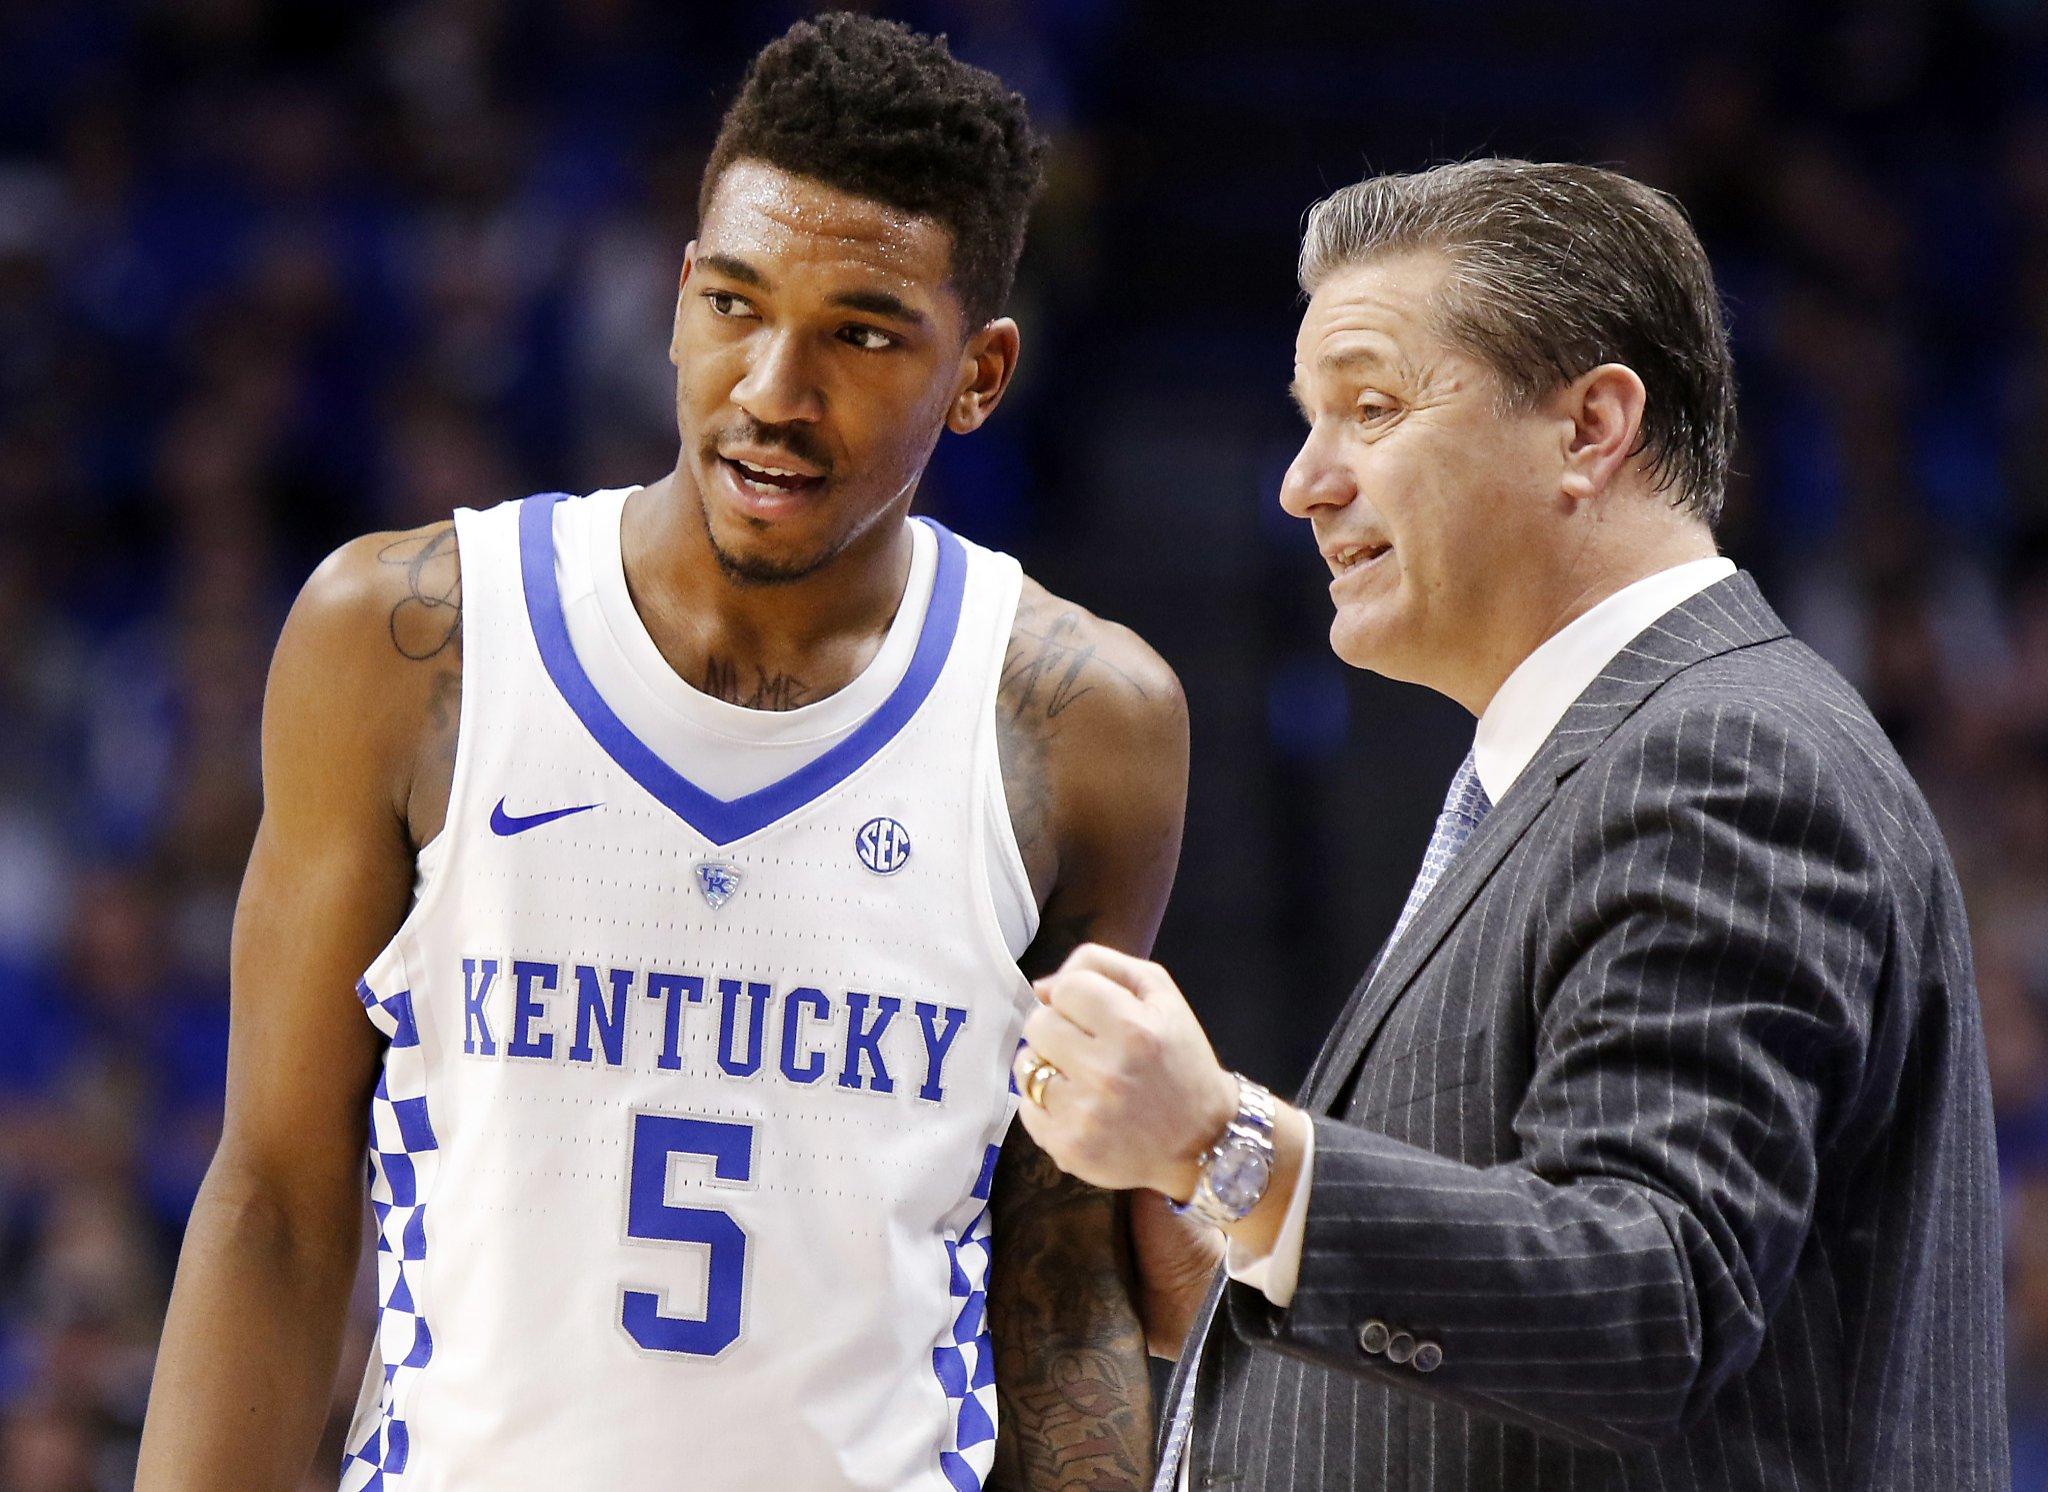 Uk Basketball: Kentucky's Malik Monk To Enter NBA Draft